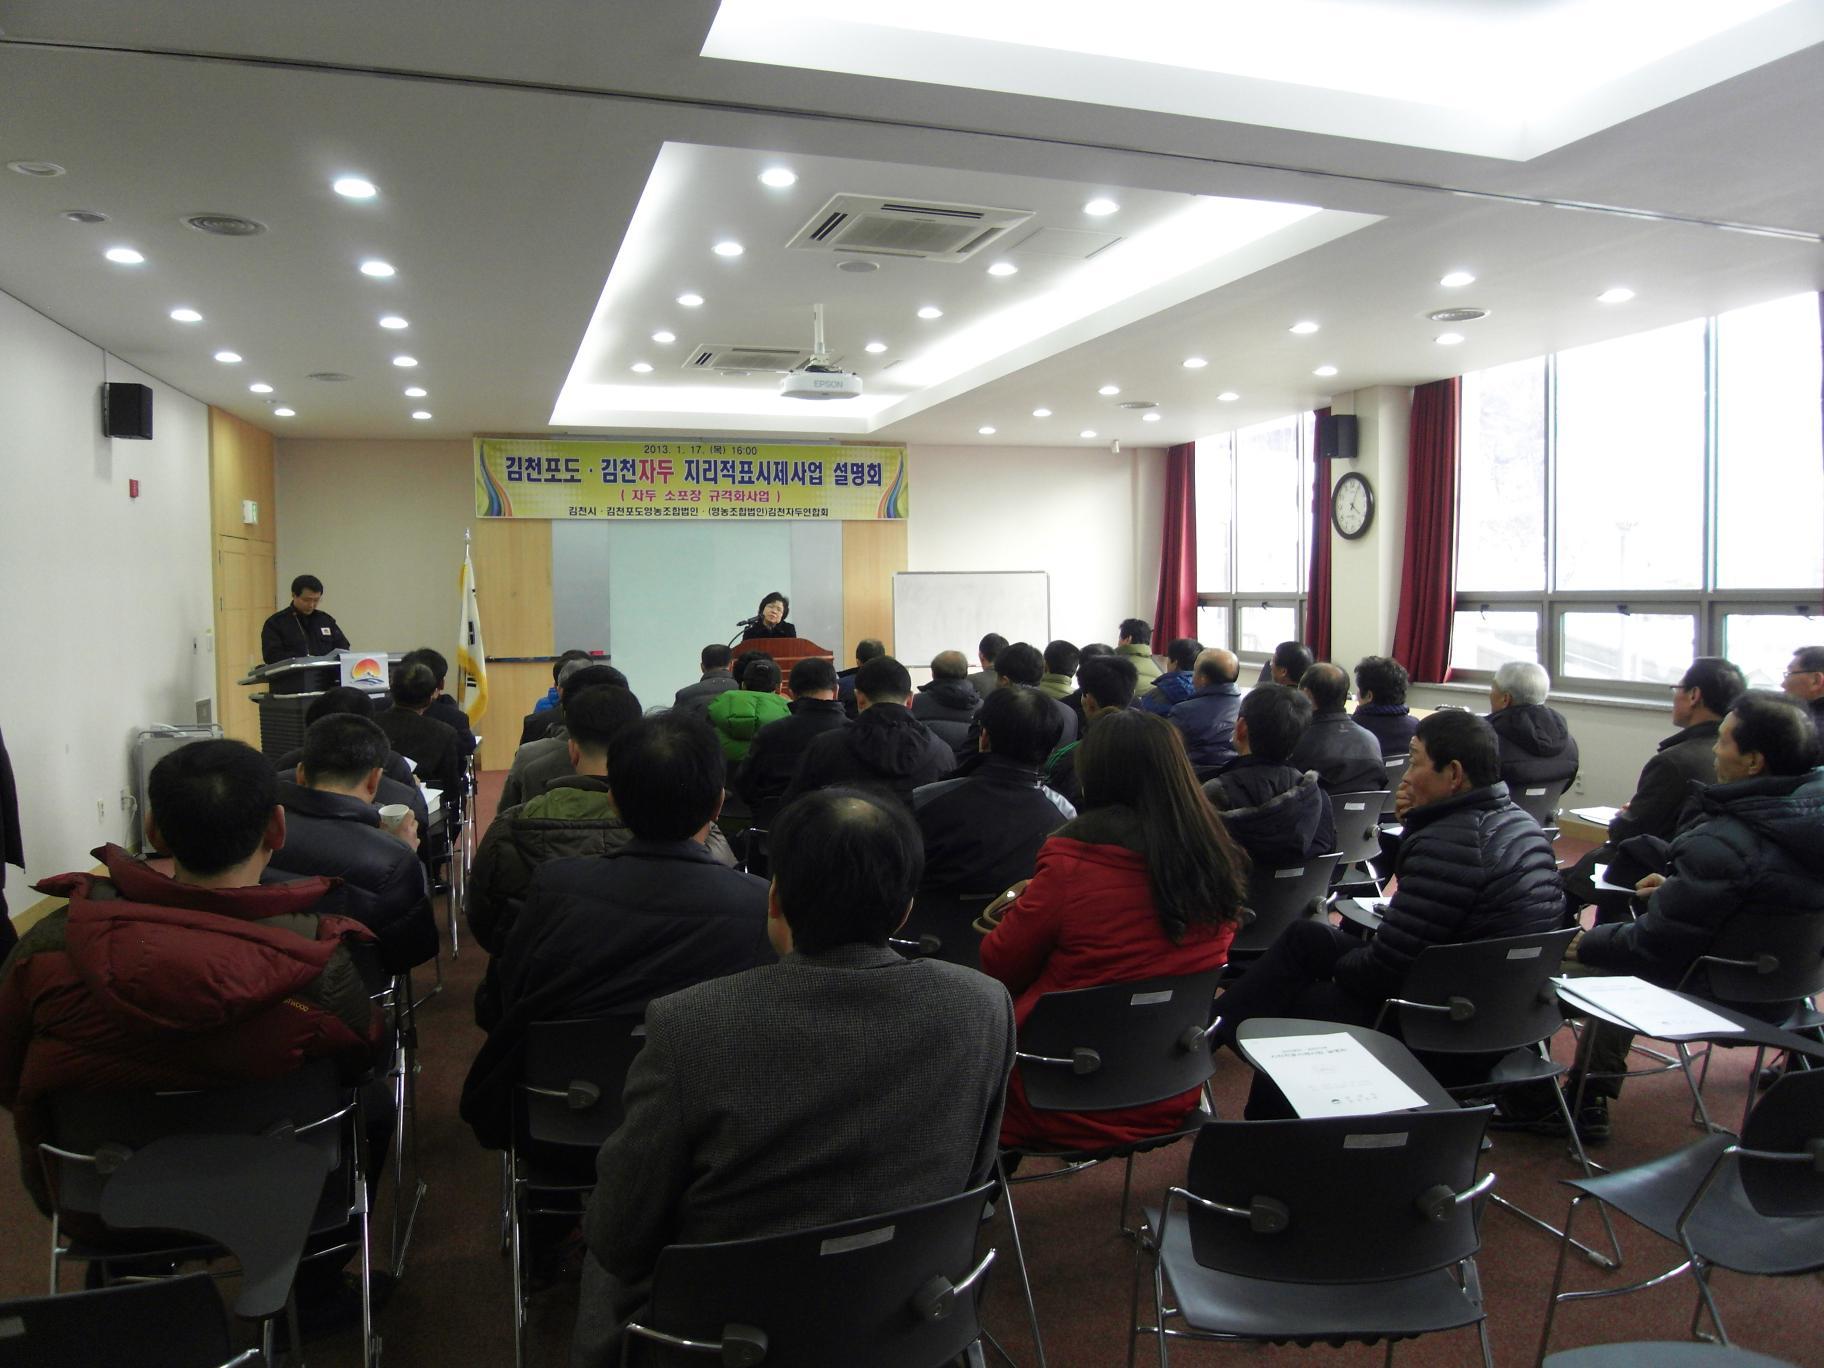 2013년 김천자두소포장 규격화 설명회 개최